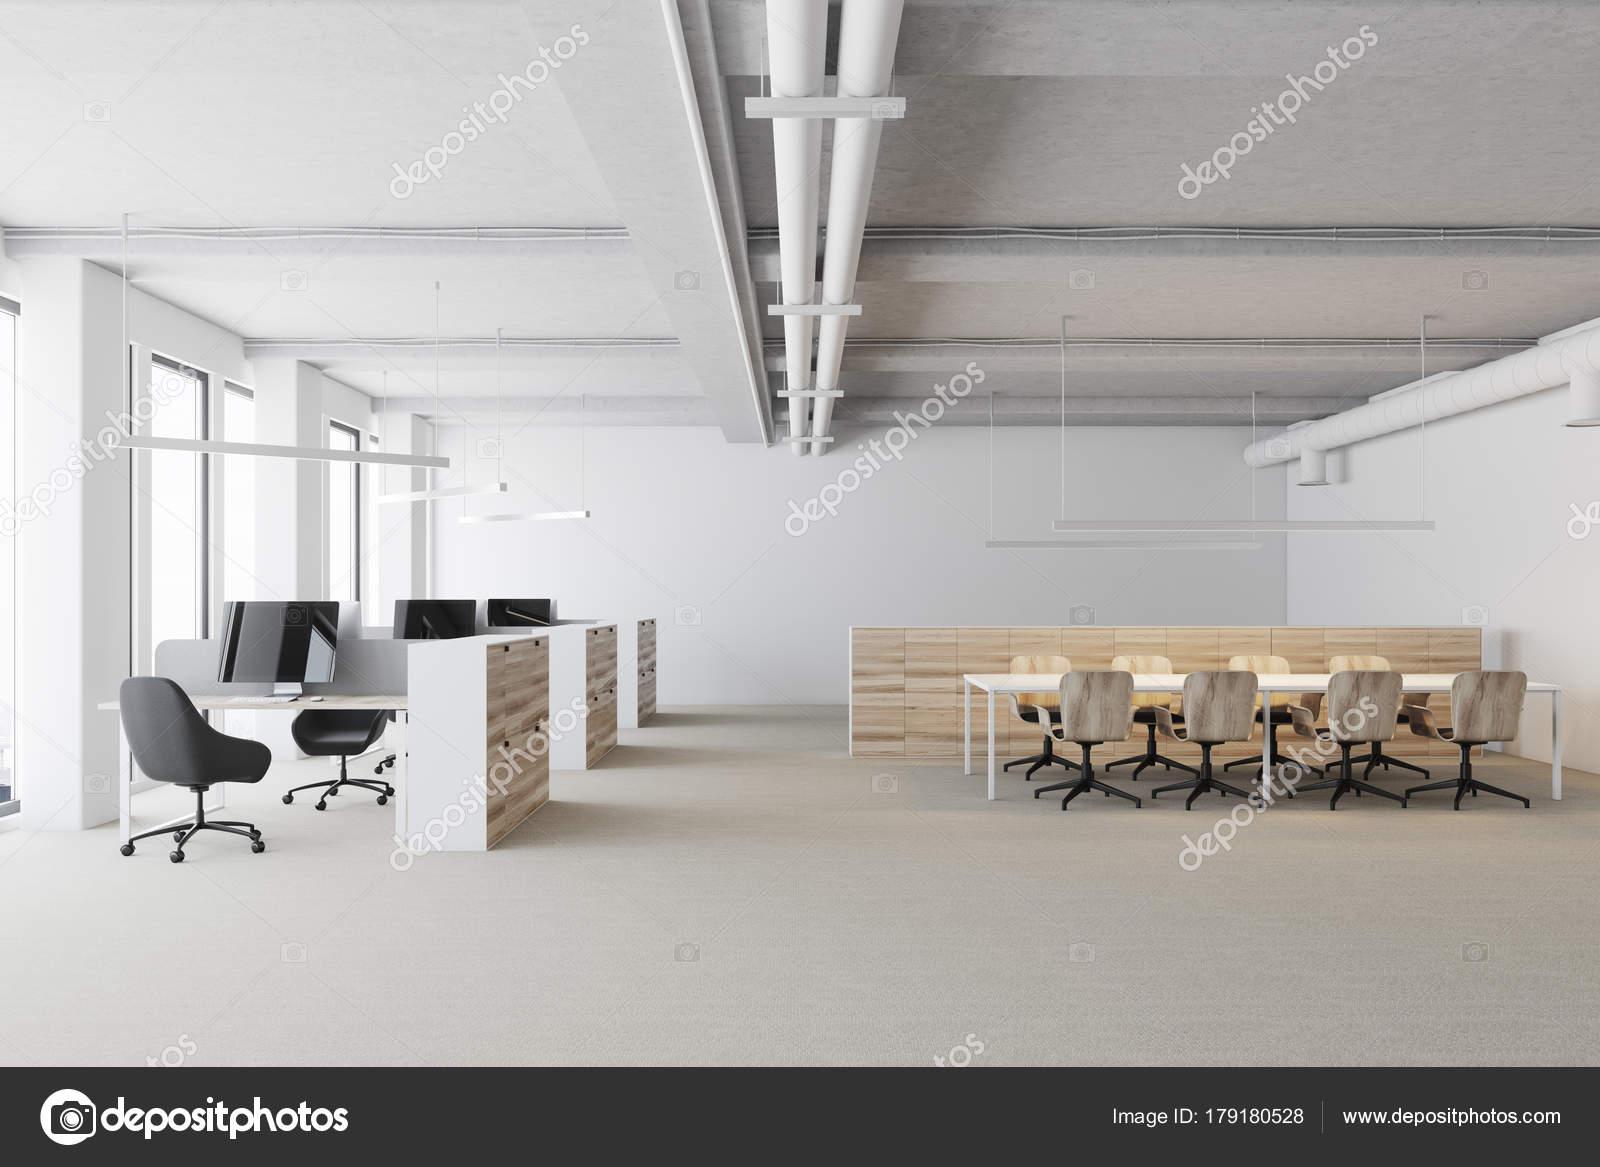 Blanc bureau espace ouvert les cabines en bois u2014 photographie